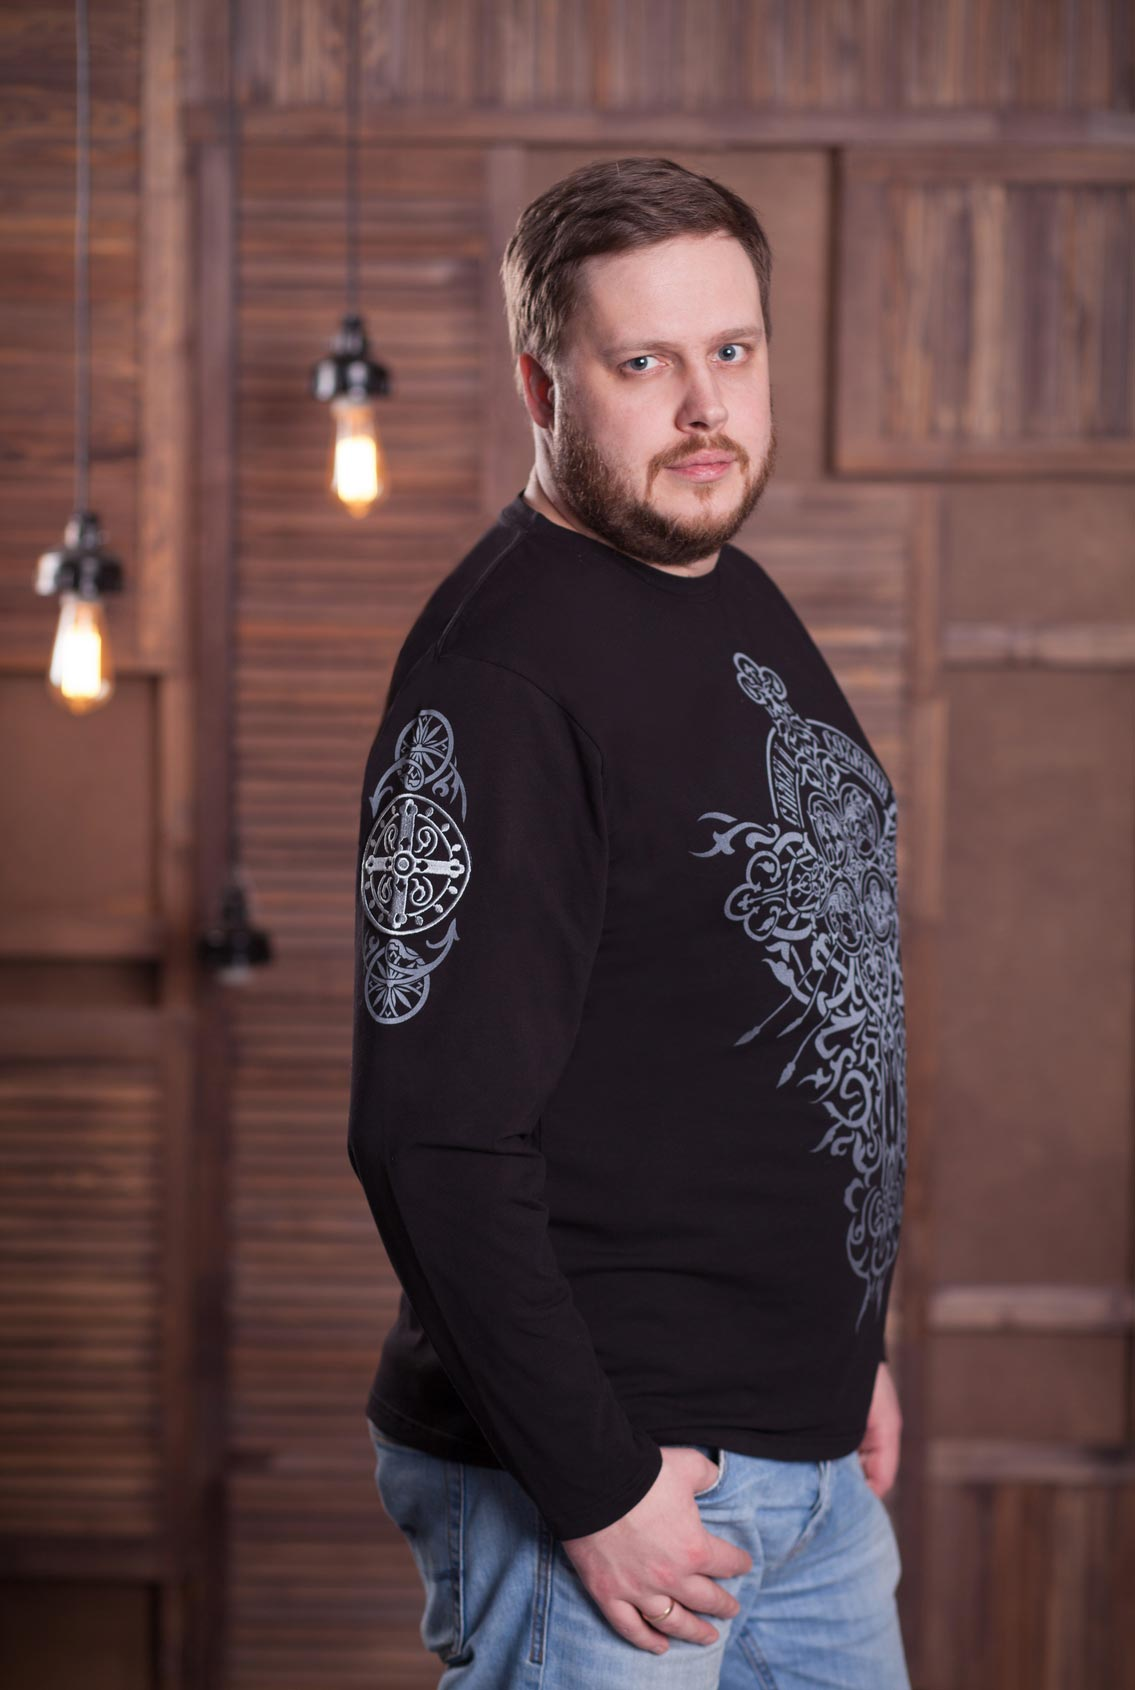 футболка с православными символами, T-shirt with orthodox symbols